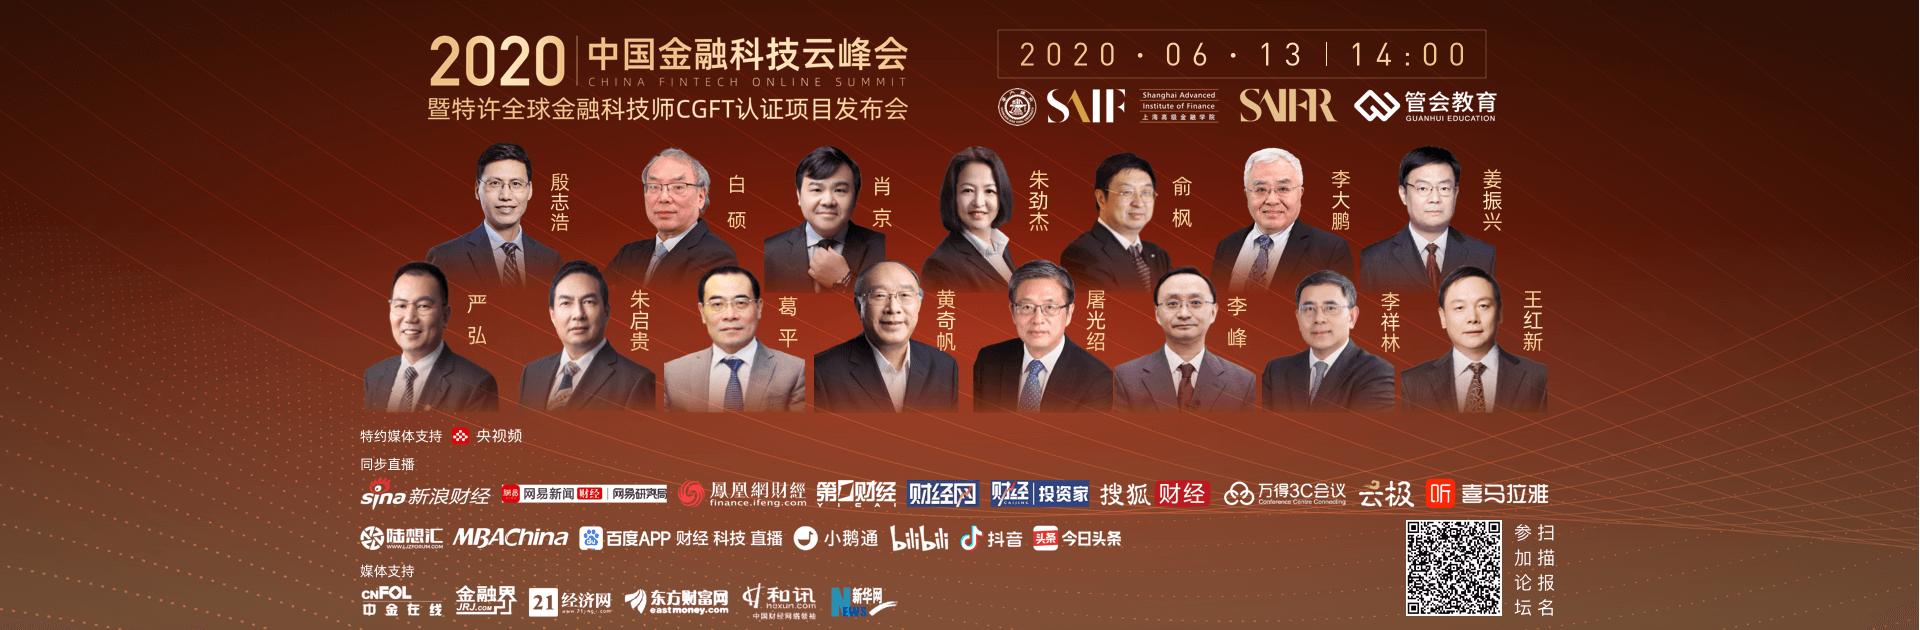 金融科技云峰会,特许全球金融科技师,CGFT,黄奇帆,屠光绍